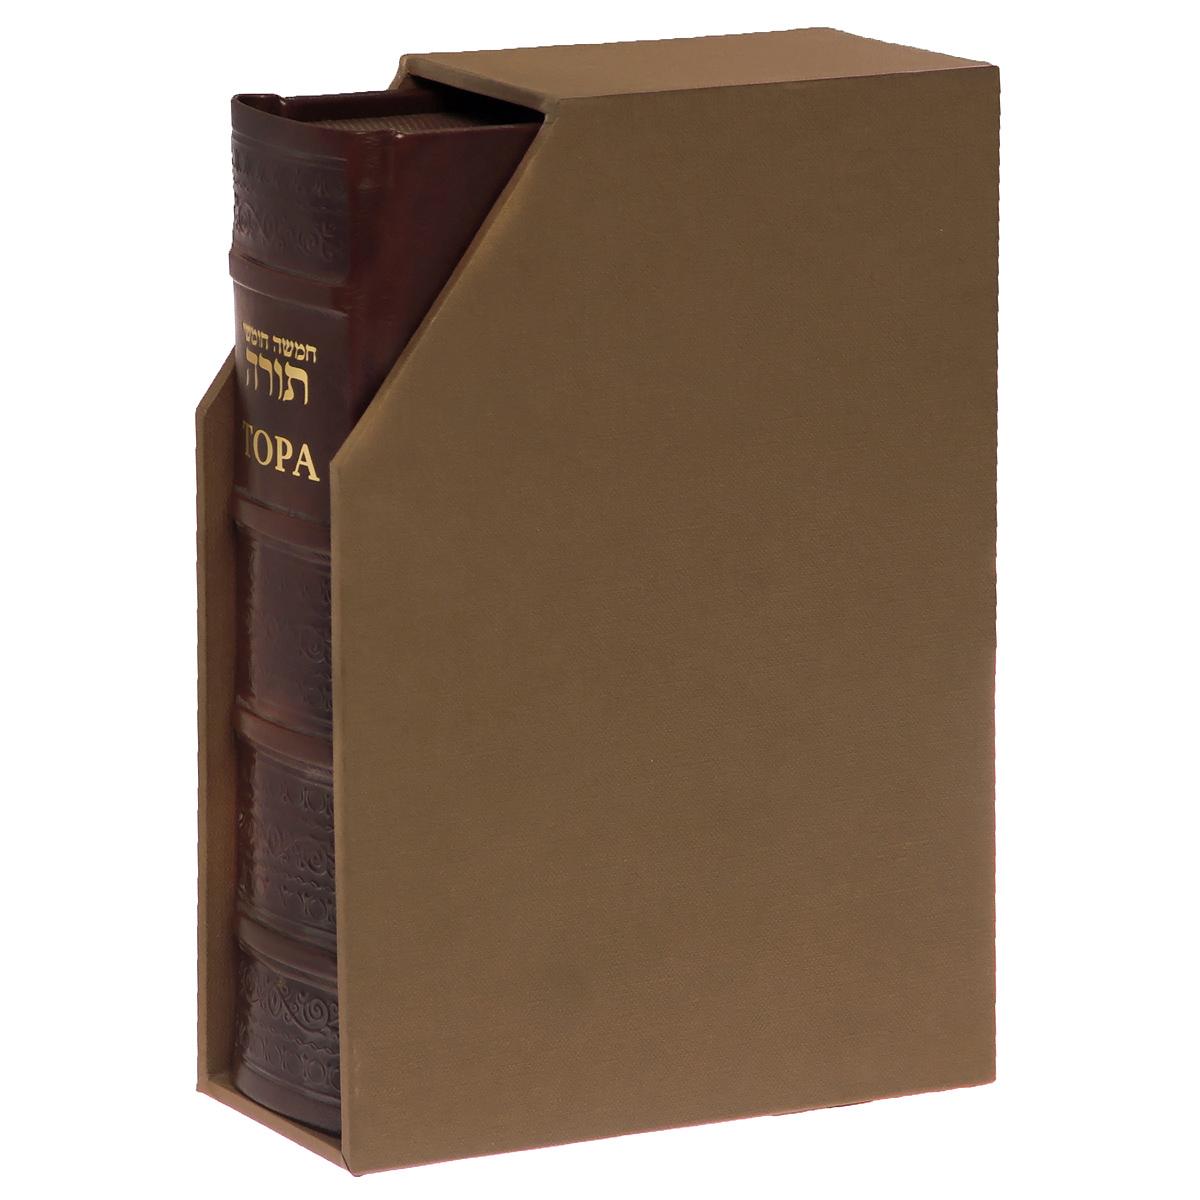 Тора (эксклюзивное подарочное издание)